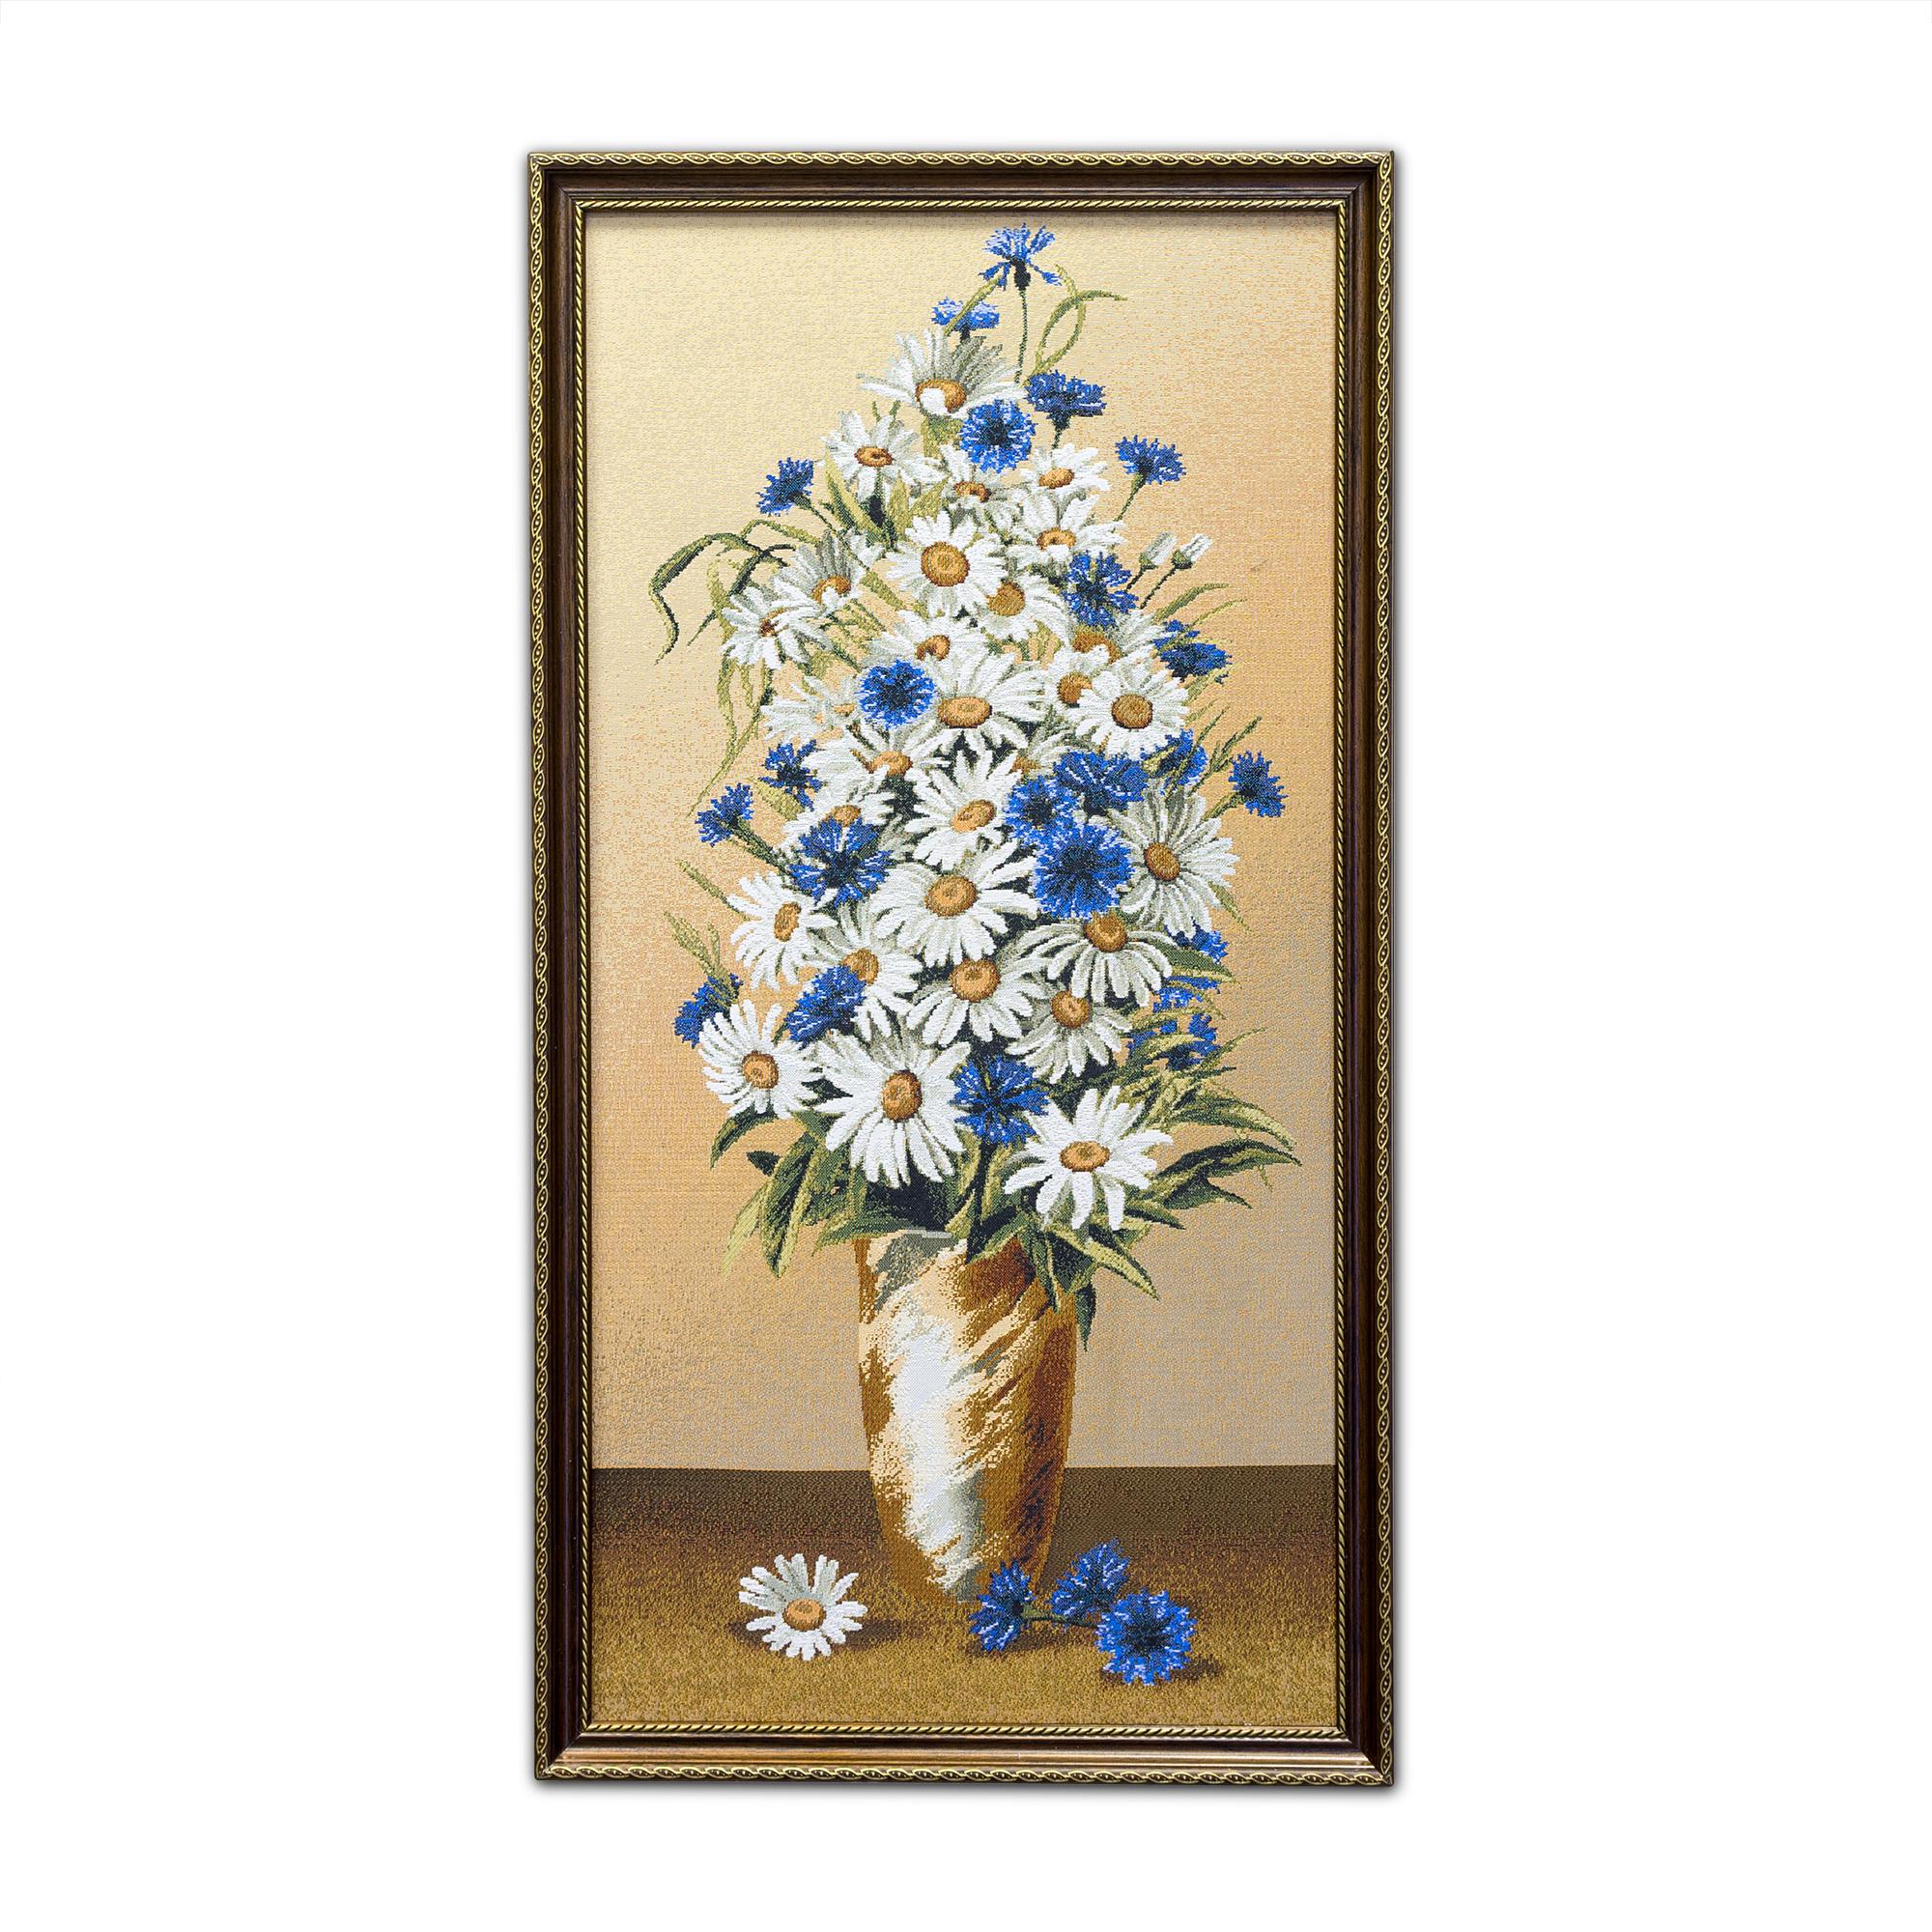 Купить Картины, постеры, гобелены, панно A La Gobelin, Картина Букет Летний (39х73 см), Россия, Гобелен